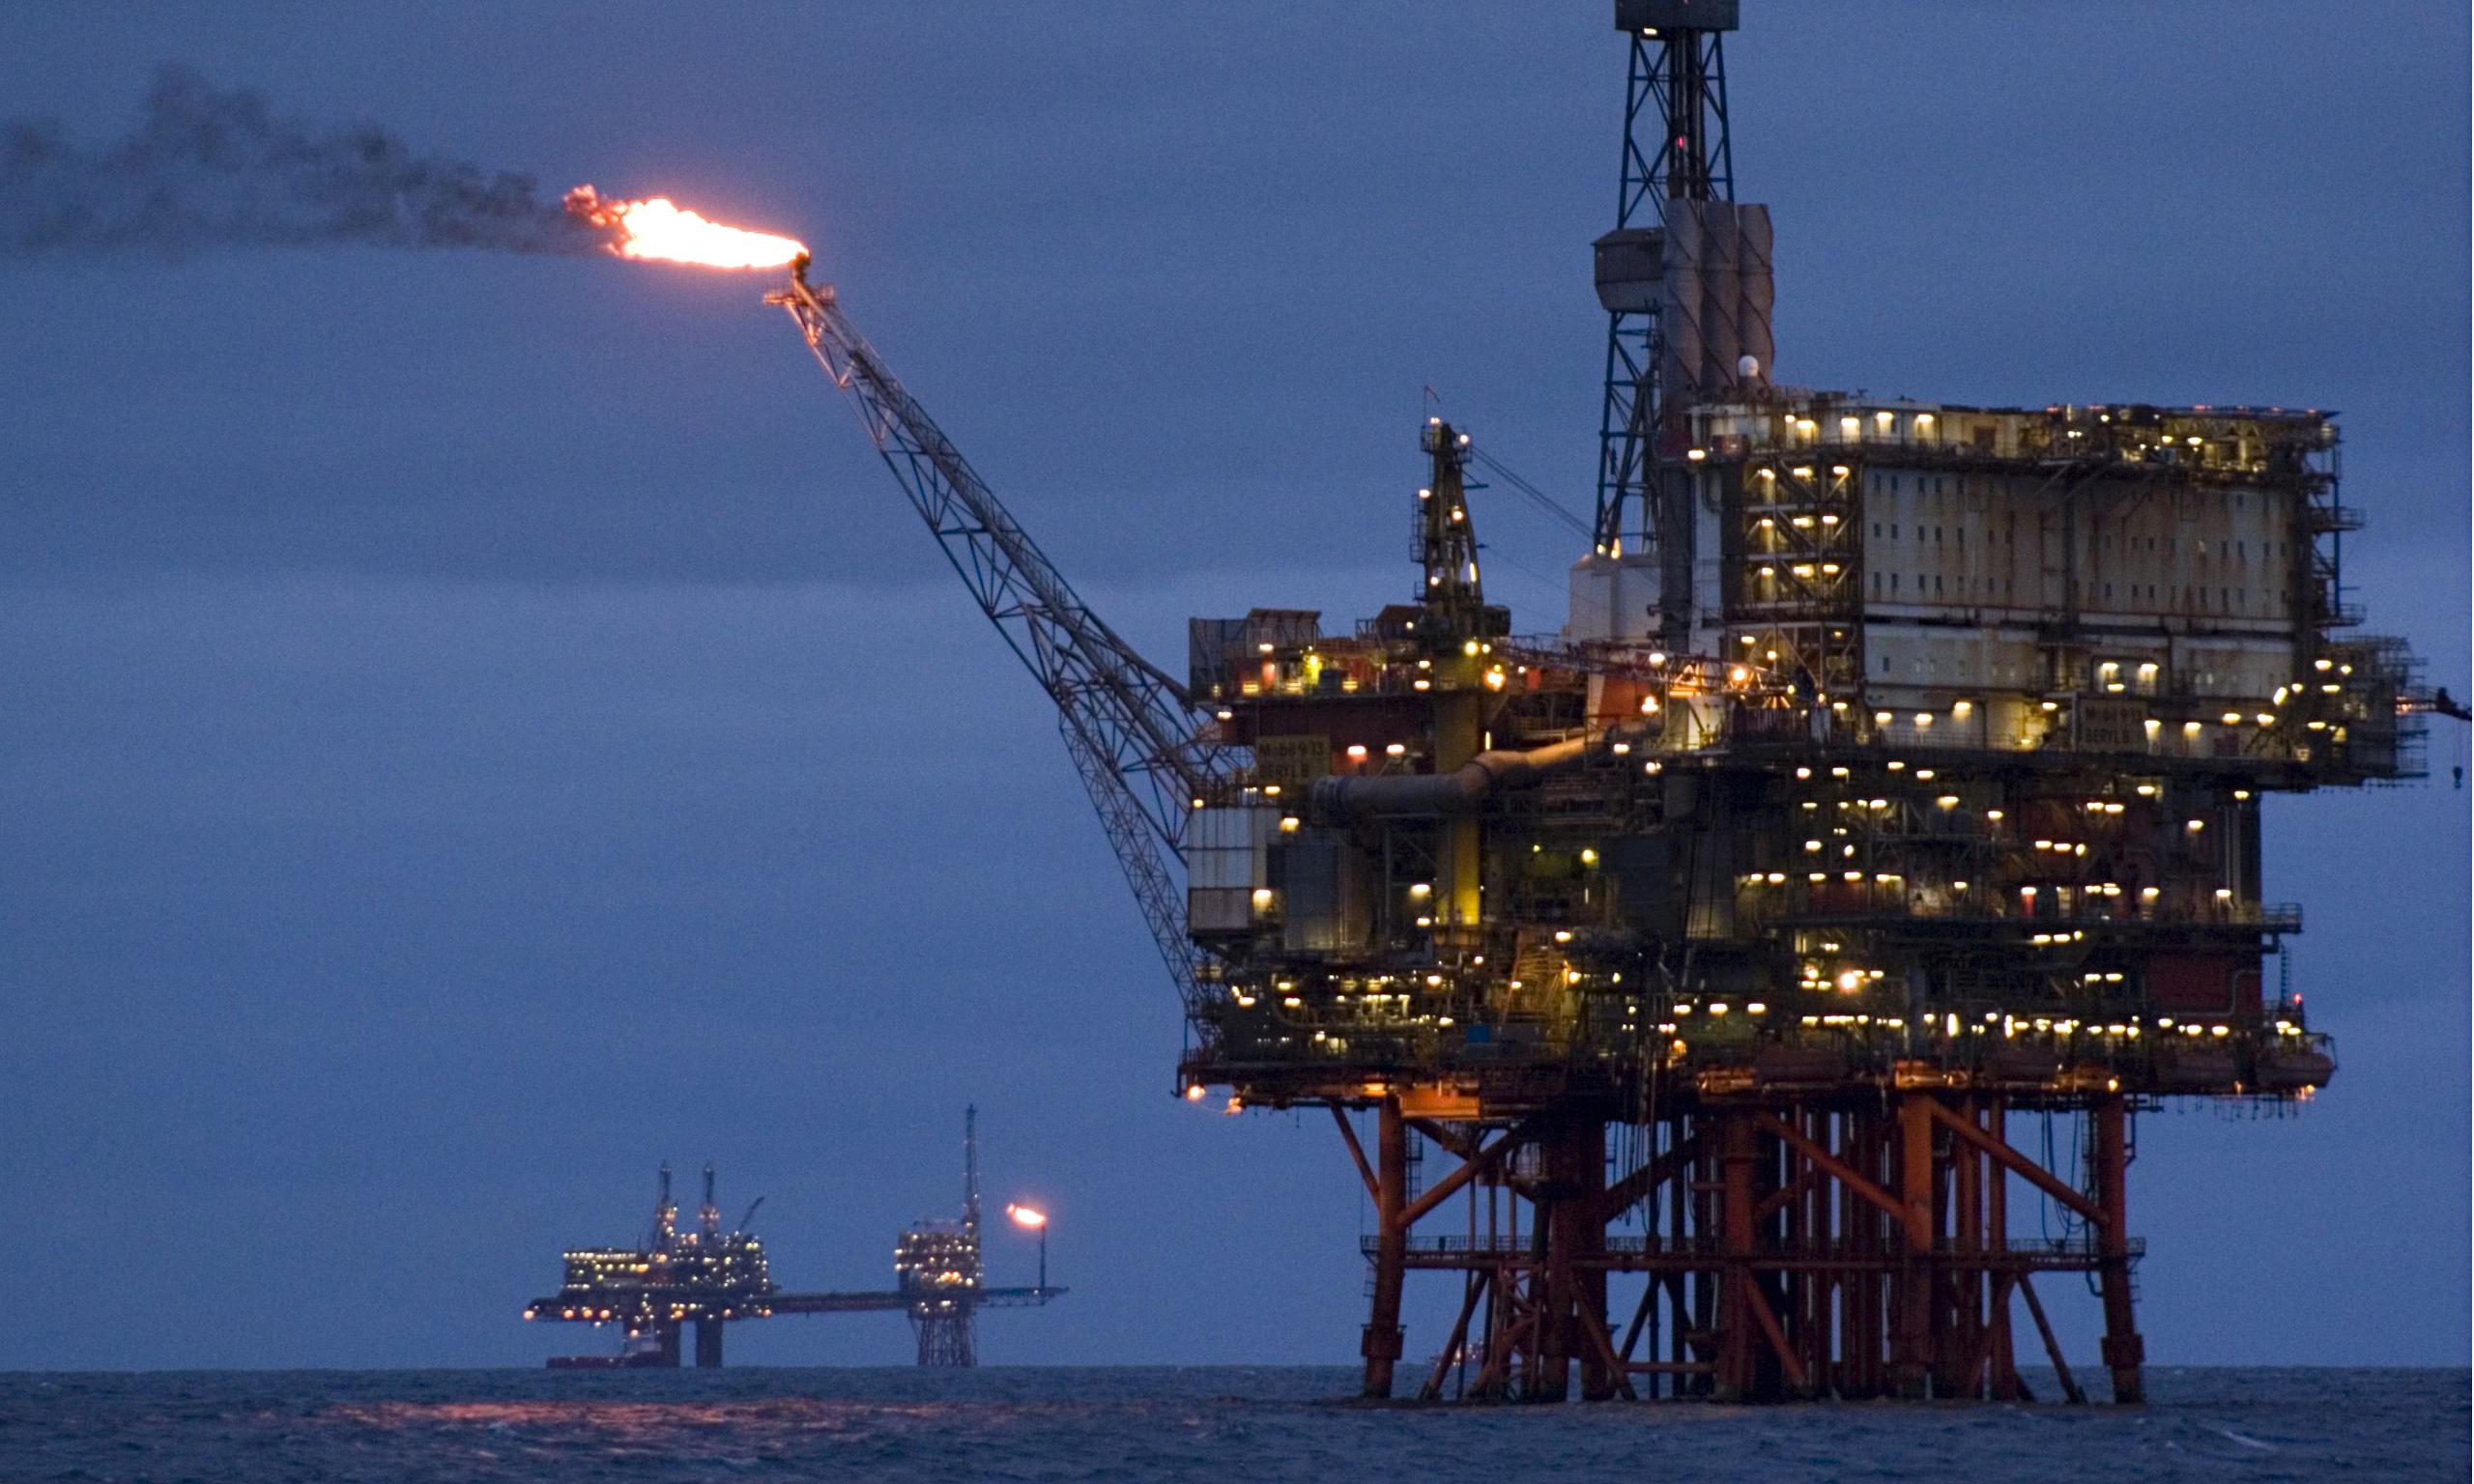 Az olajipar keményen támadja az elektromos járműveket